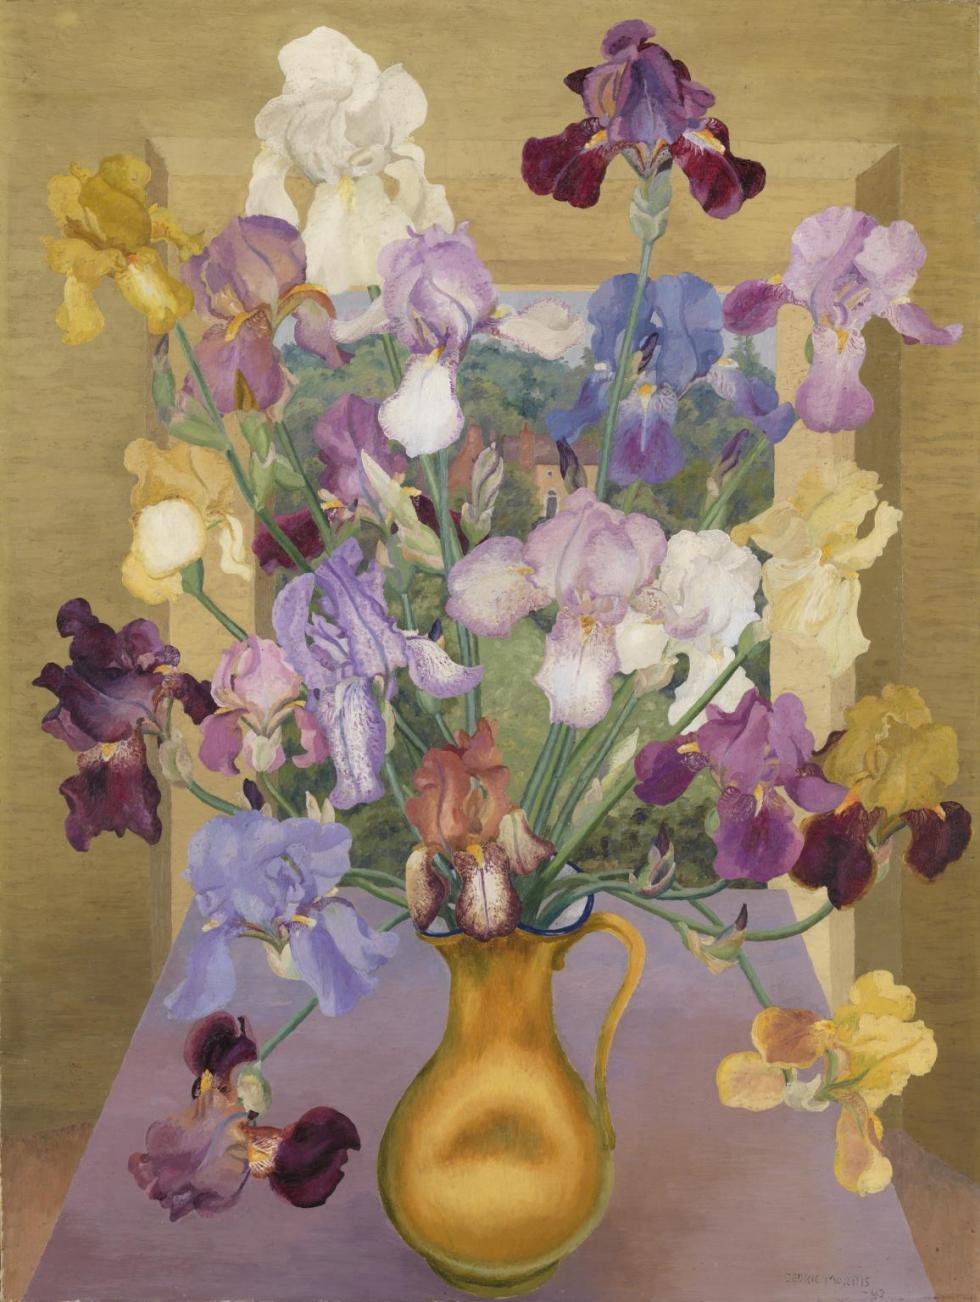 'Iris Seedlings' painted in 1943 by Sir Cedric Morris (copyright: Estate of Sir Cedric Morris)